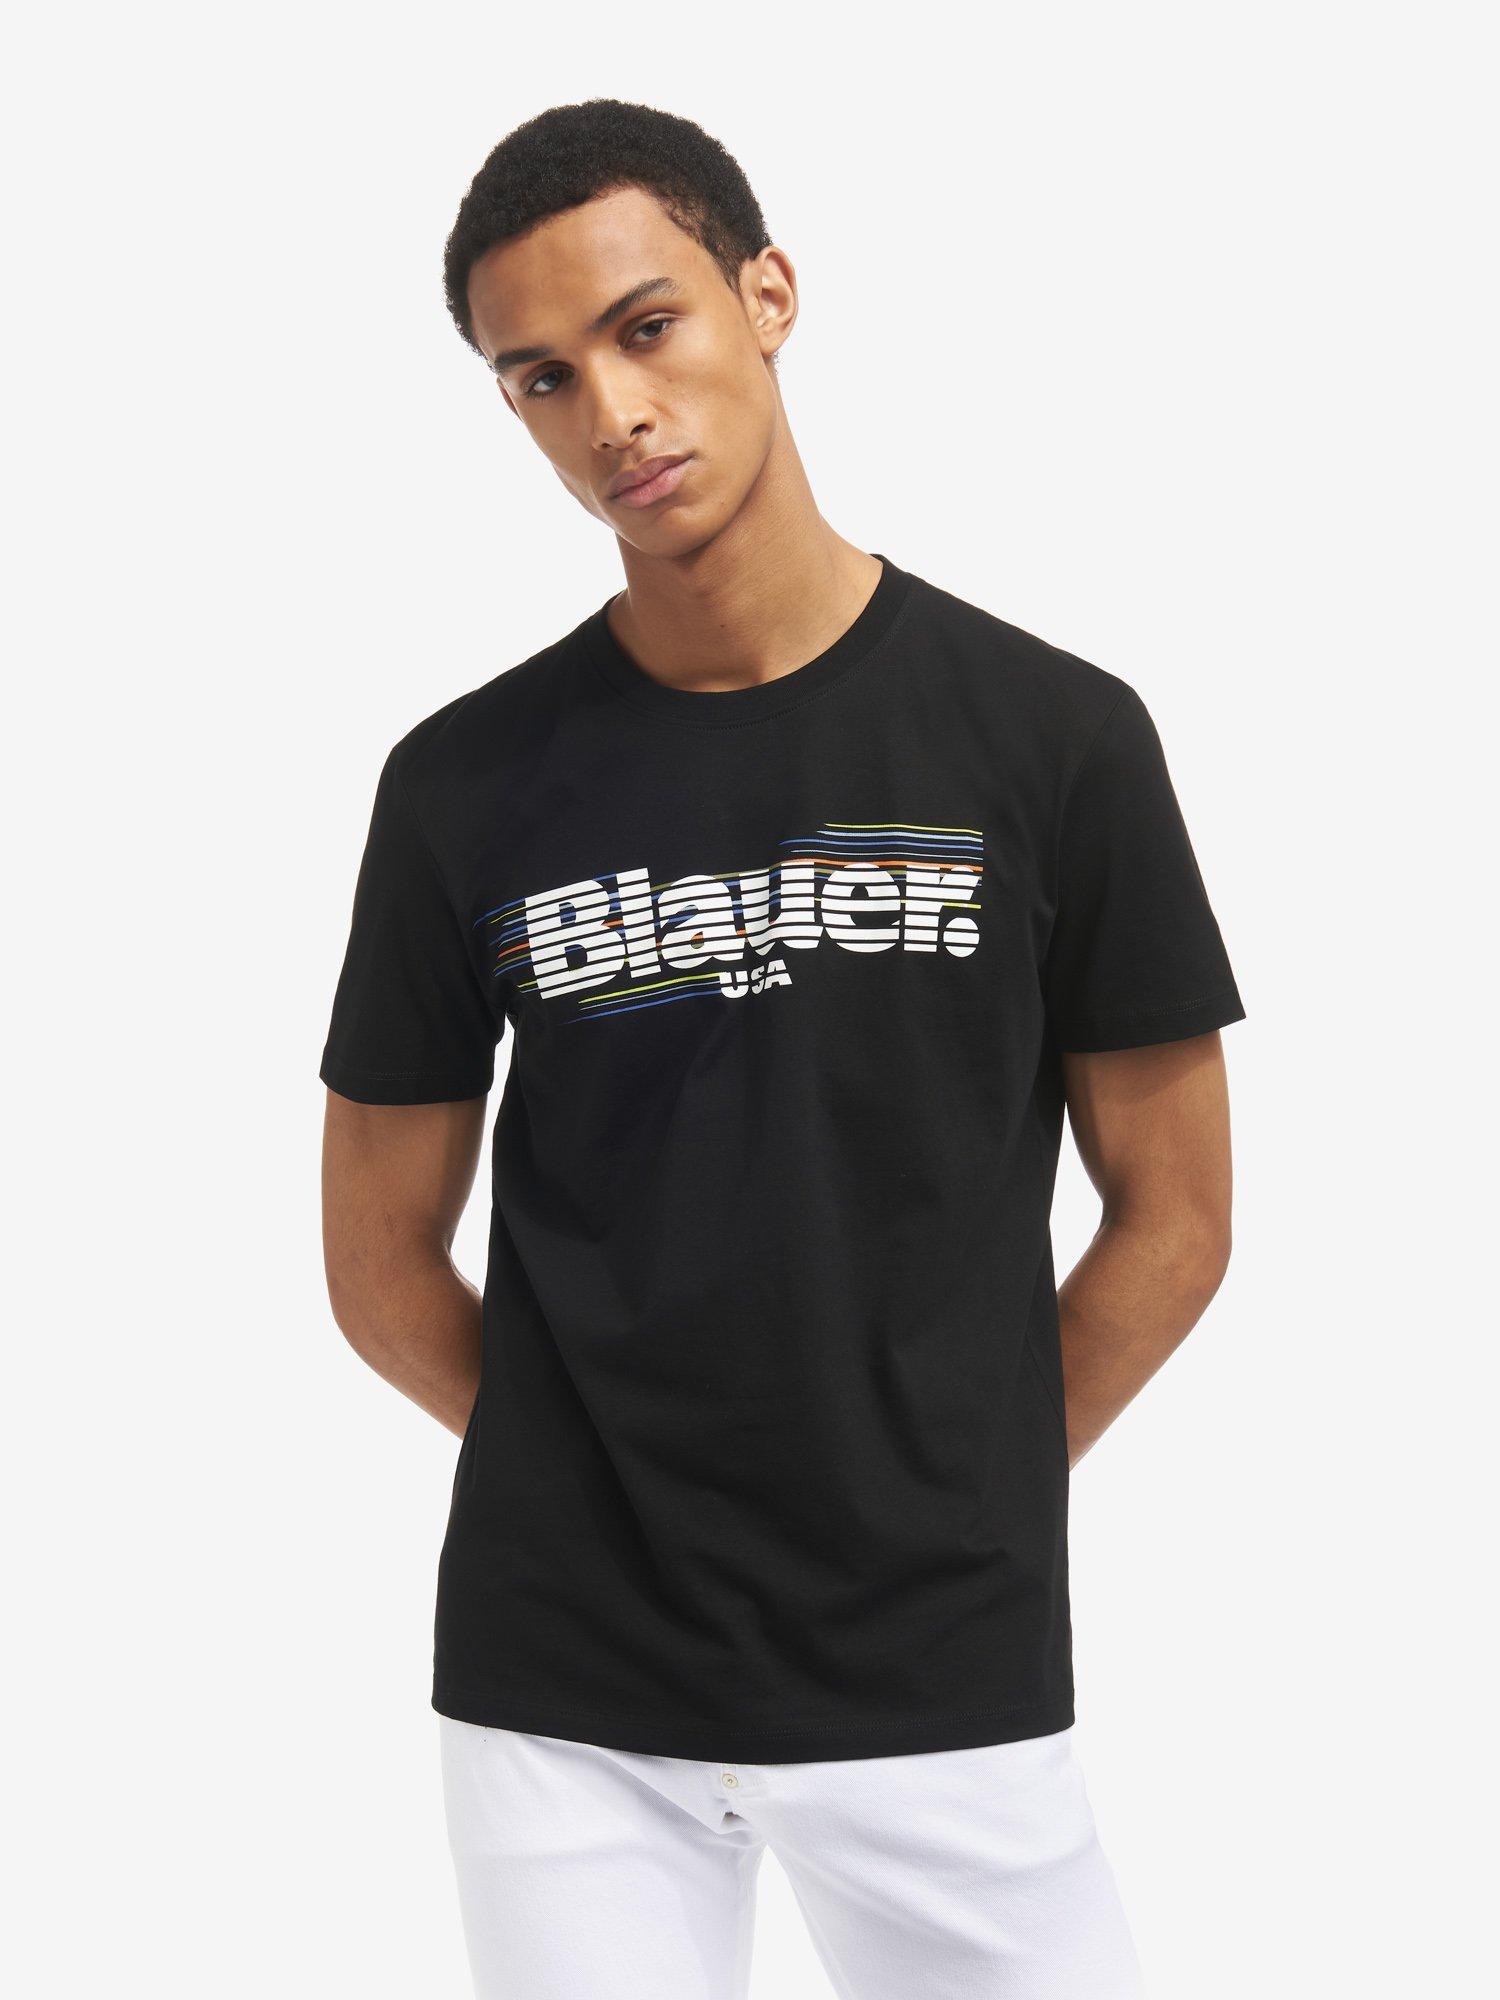 Blauer - GESTREIFTES T-SHIRT BLAUER - Schwarz - Blauer